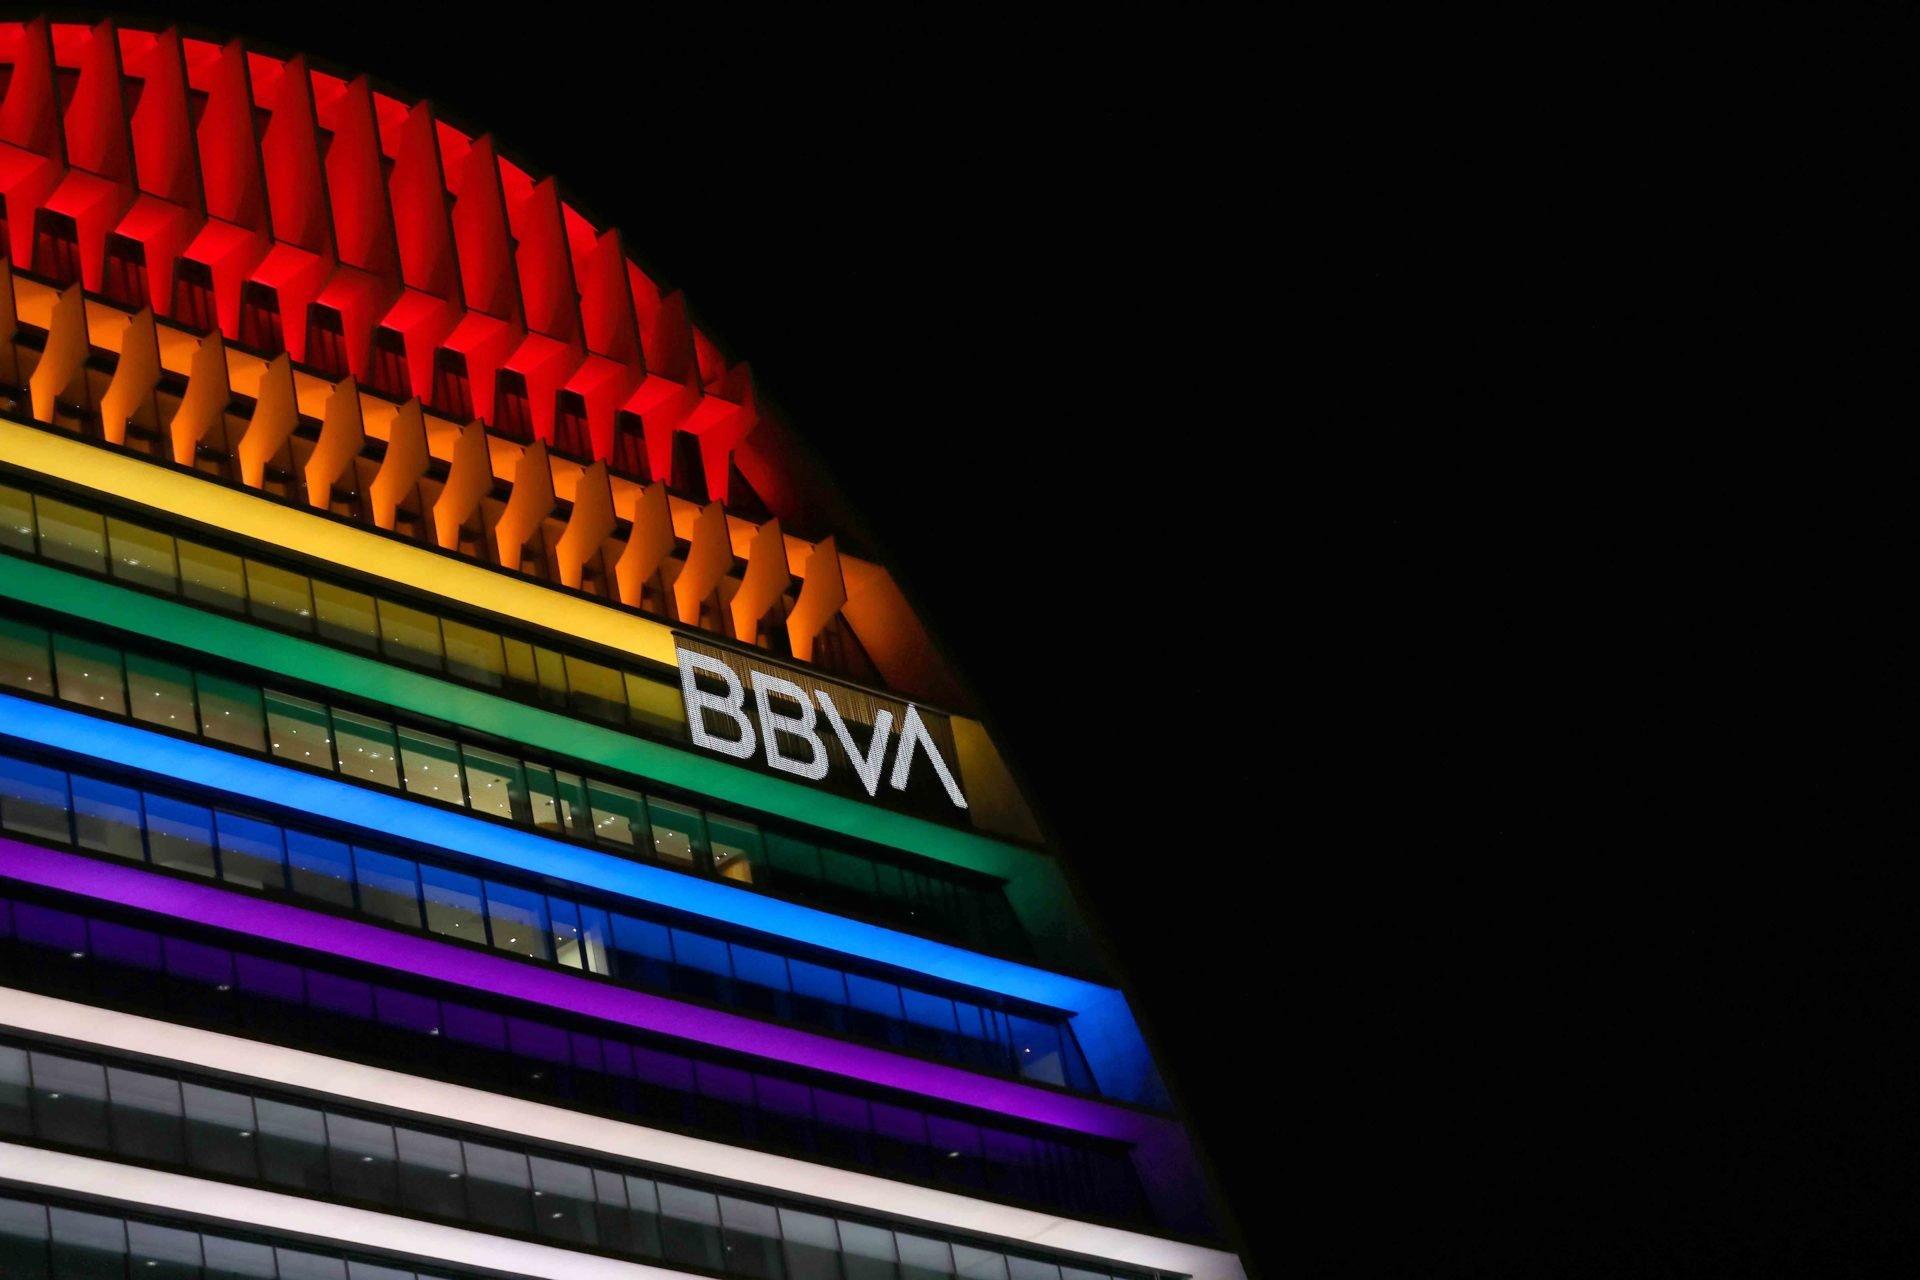 El BBVA iluminó su sede de Las Tablas (Madrid) con los colores LGTBI